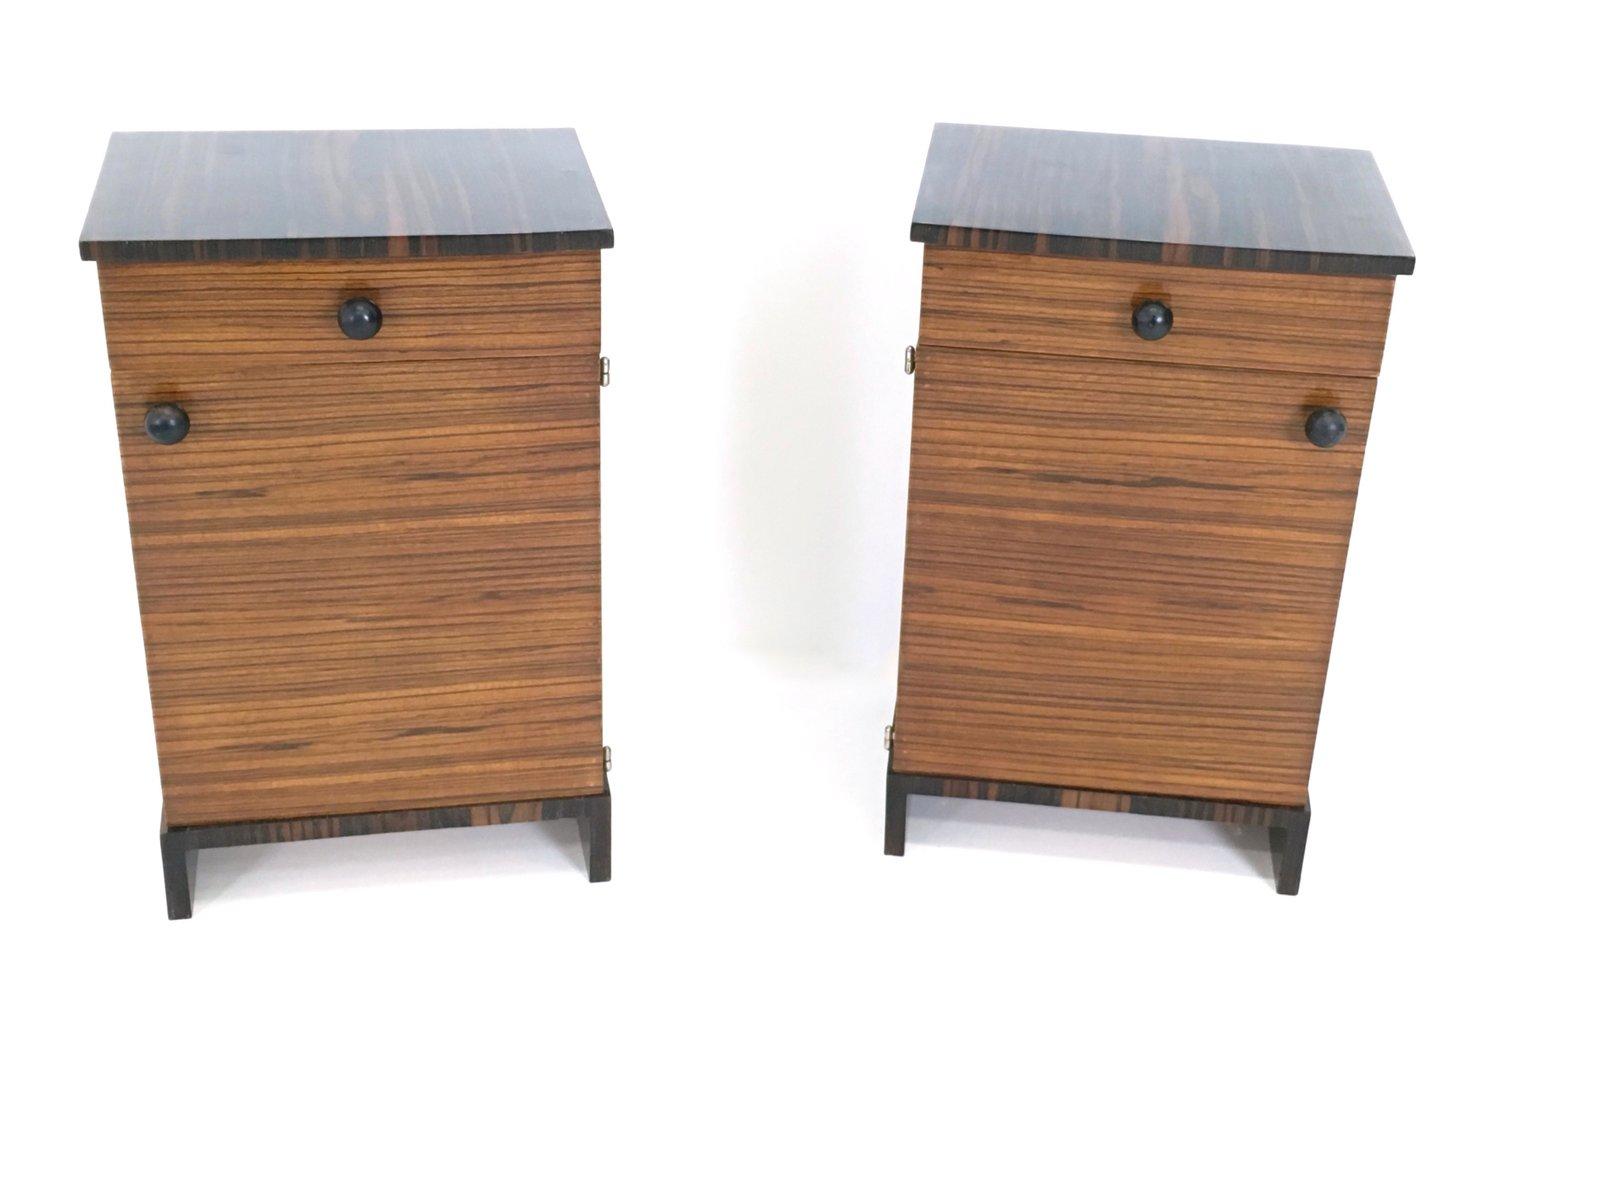 Mesas de noche de madera de zebrano y bano macassar a os for Mesas de noche de madera